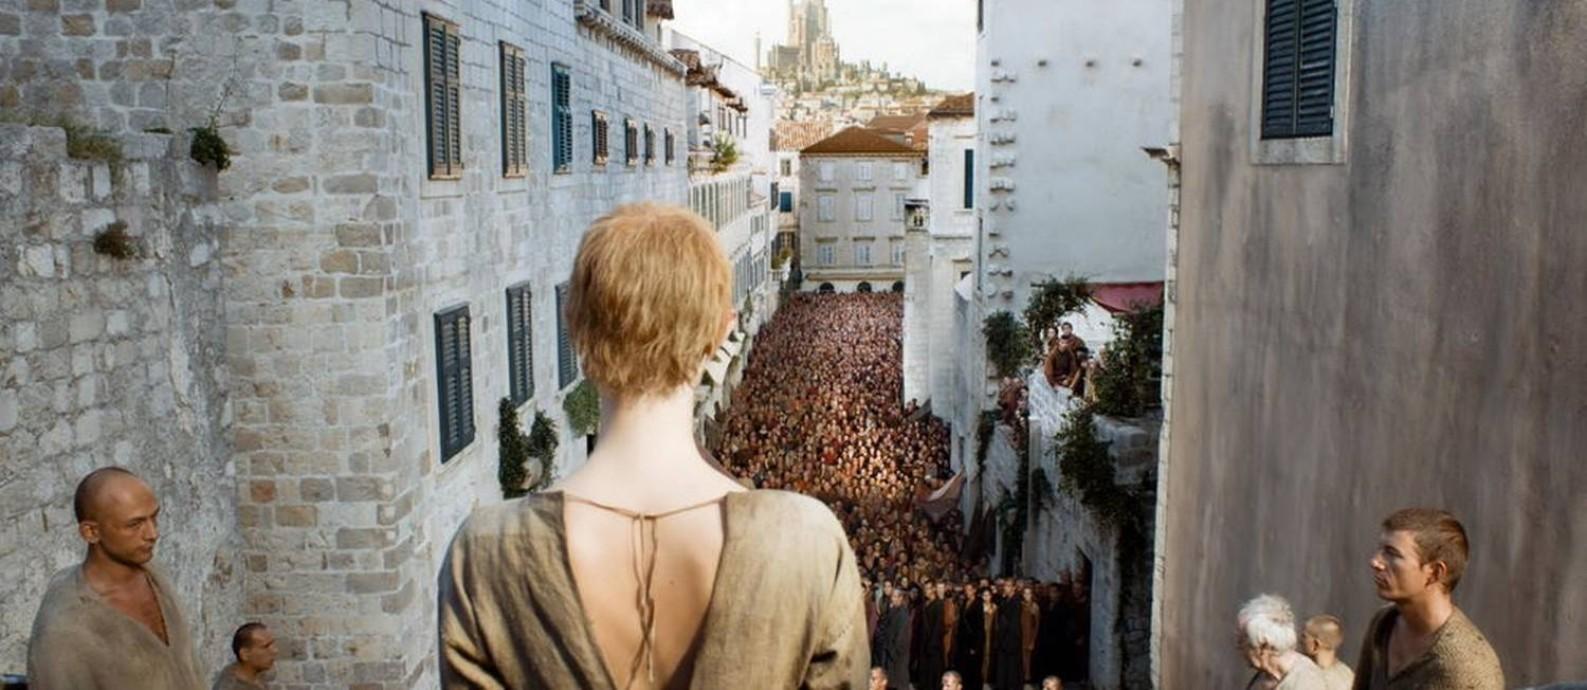 A 'caminhada da vergonha', uma das cenas emblemáticas de 'Game of Thrones', gravada no centro antigo de Dubrovnik, na Croácia Foto: Reprodução